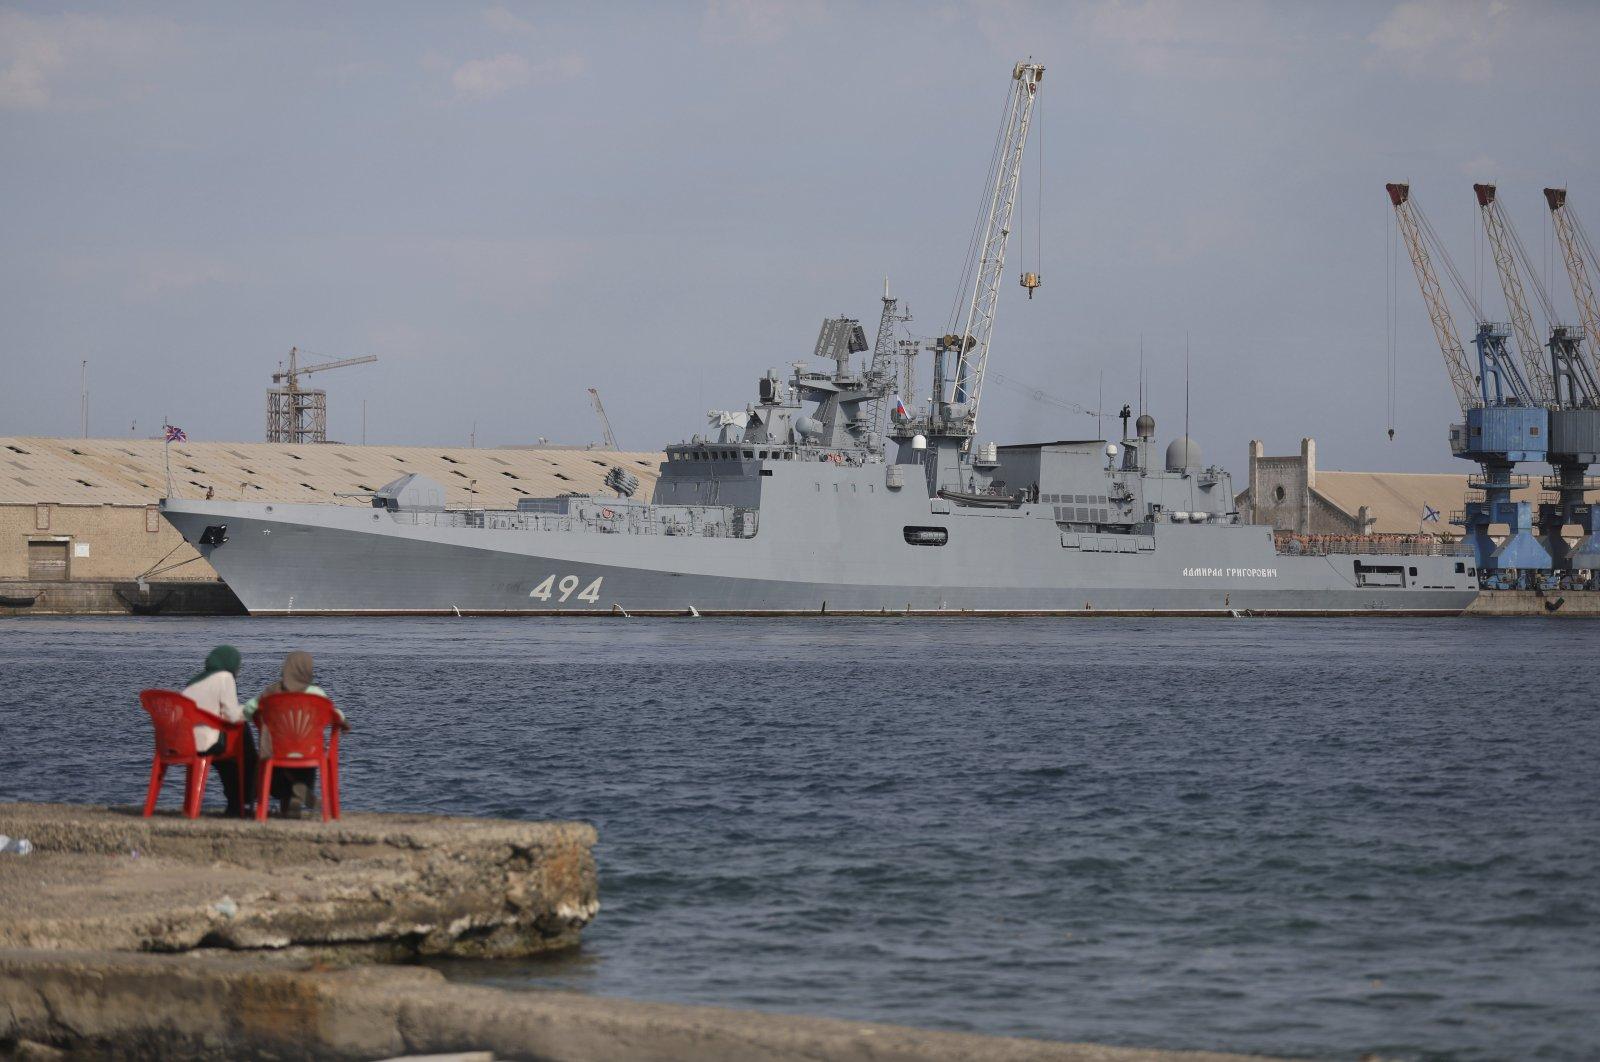 A Russian warship is docked in the Port Sudan, in Port Sudan, Sudan, Feb. 28, 2021. (AP Photo)